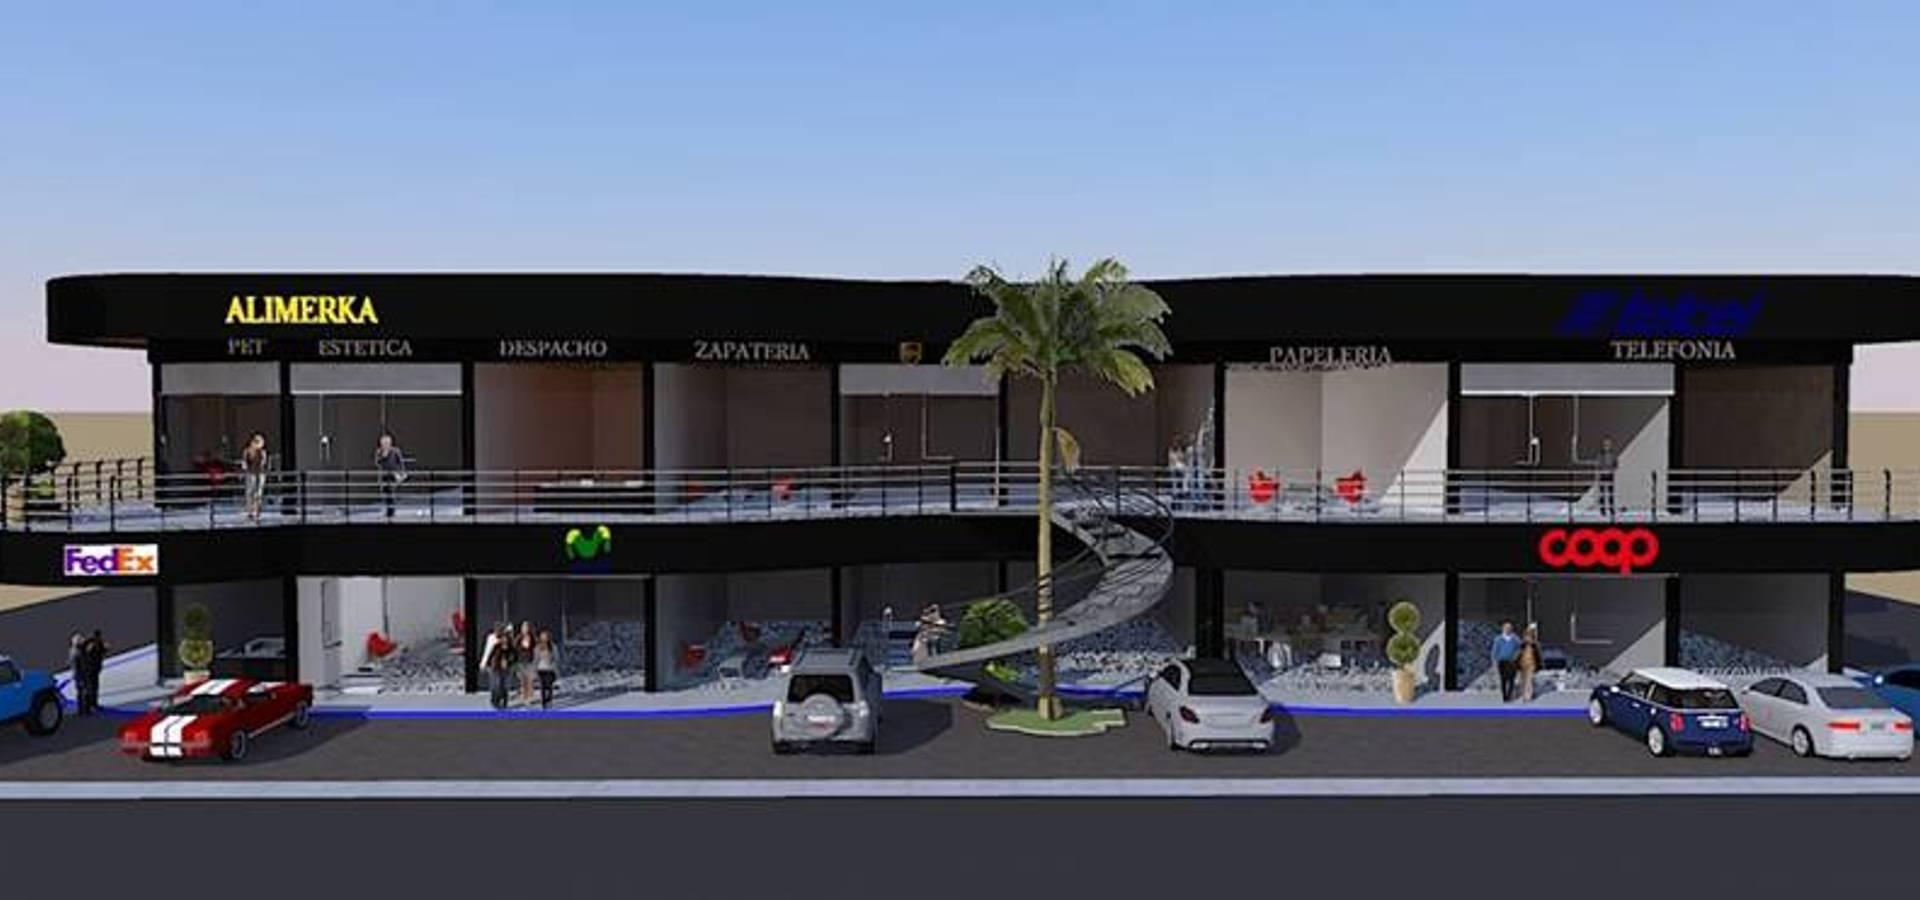 Locales comerciales de dac dise o arquitectura y for Arquitectura diseno y construccion